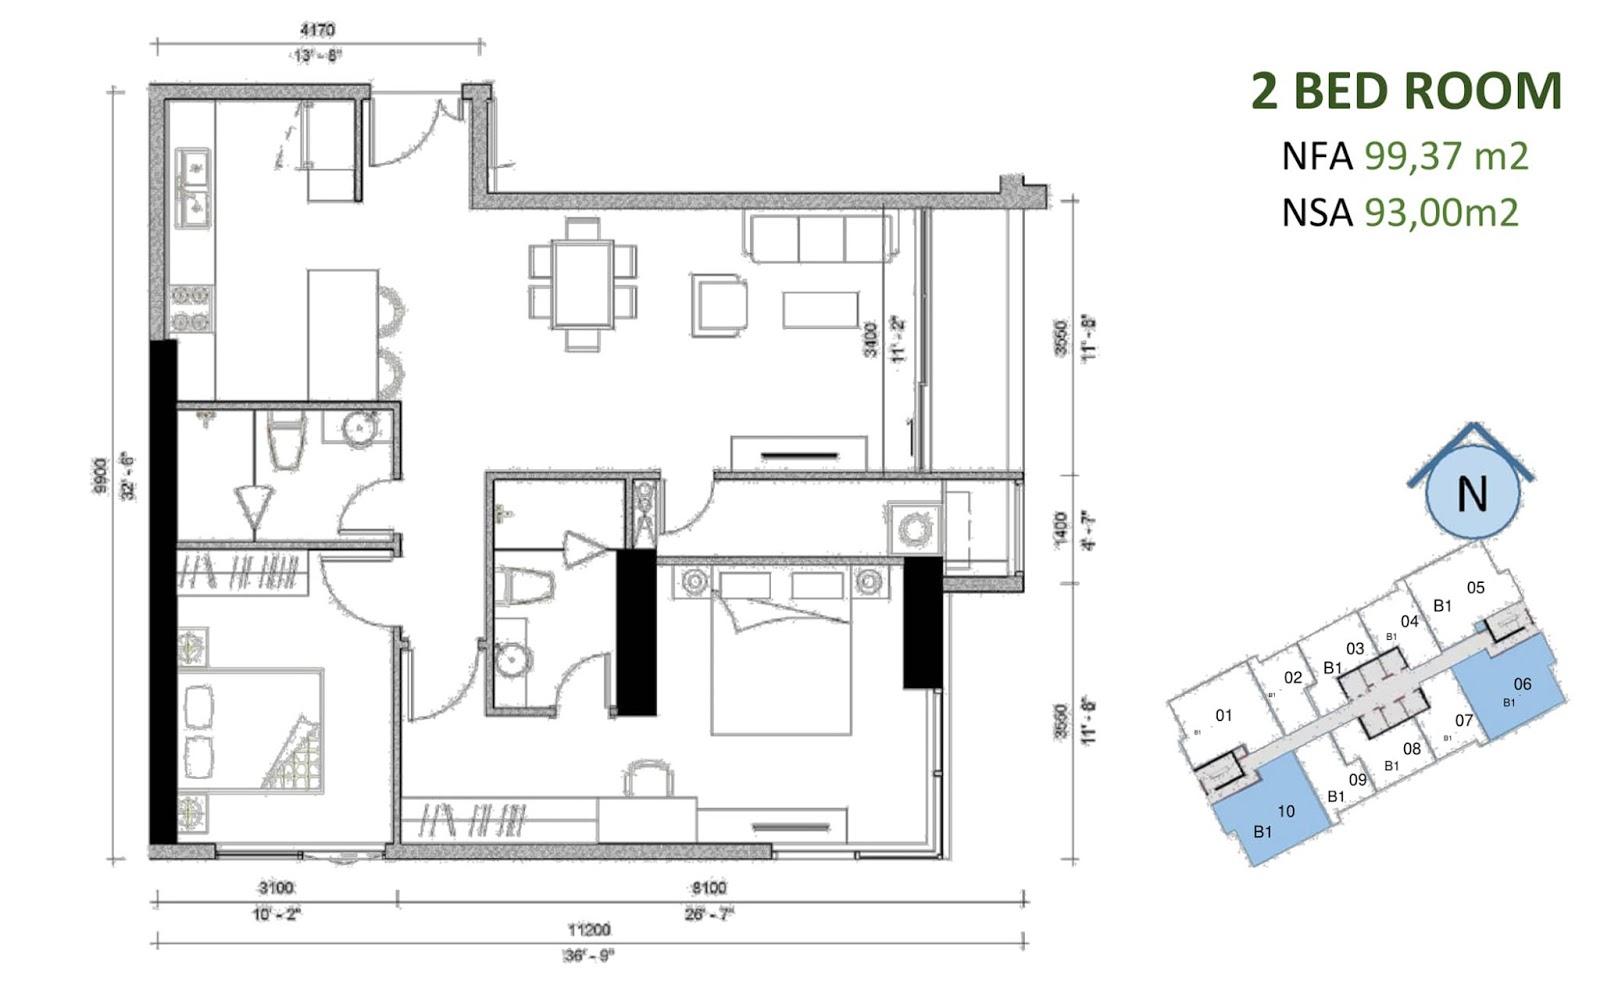 mặt bằng căn hộ sunwah pearl 2 phòng ngủ B1-06 và B1-10